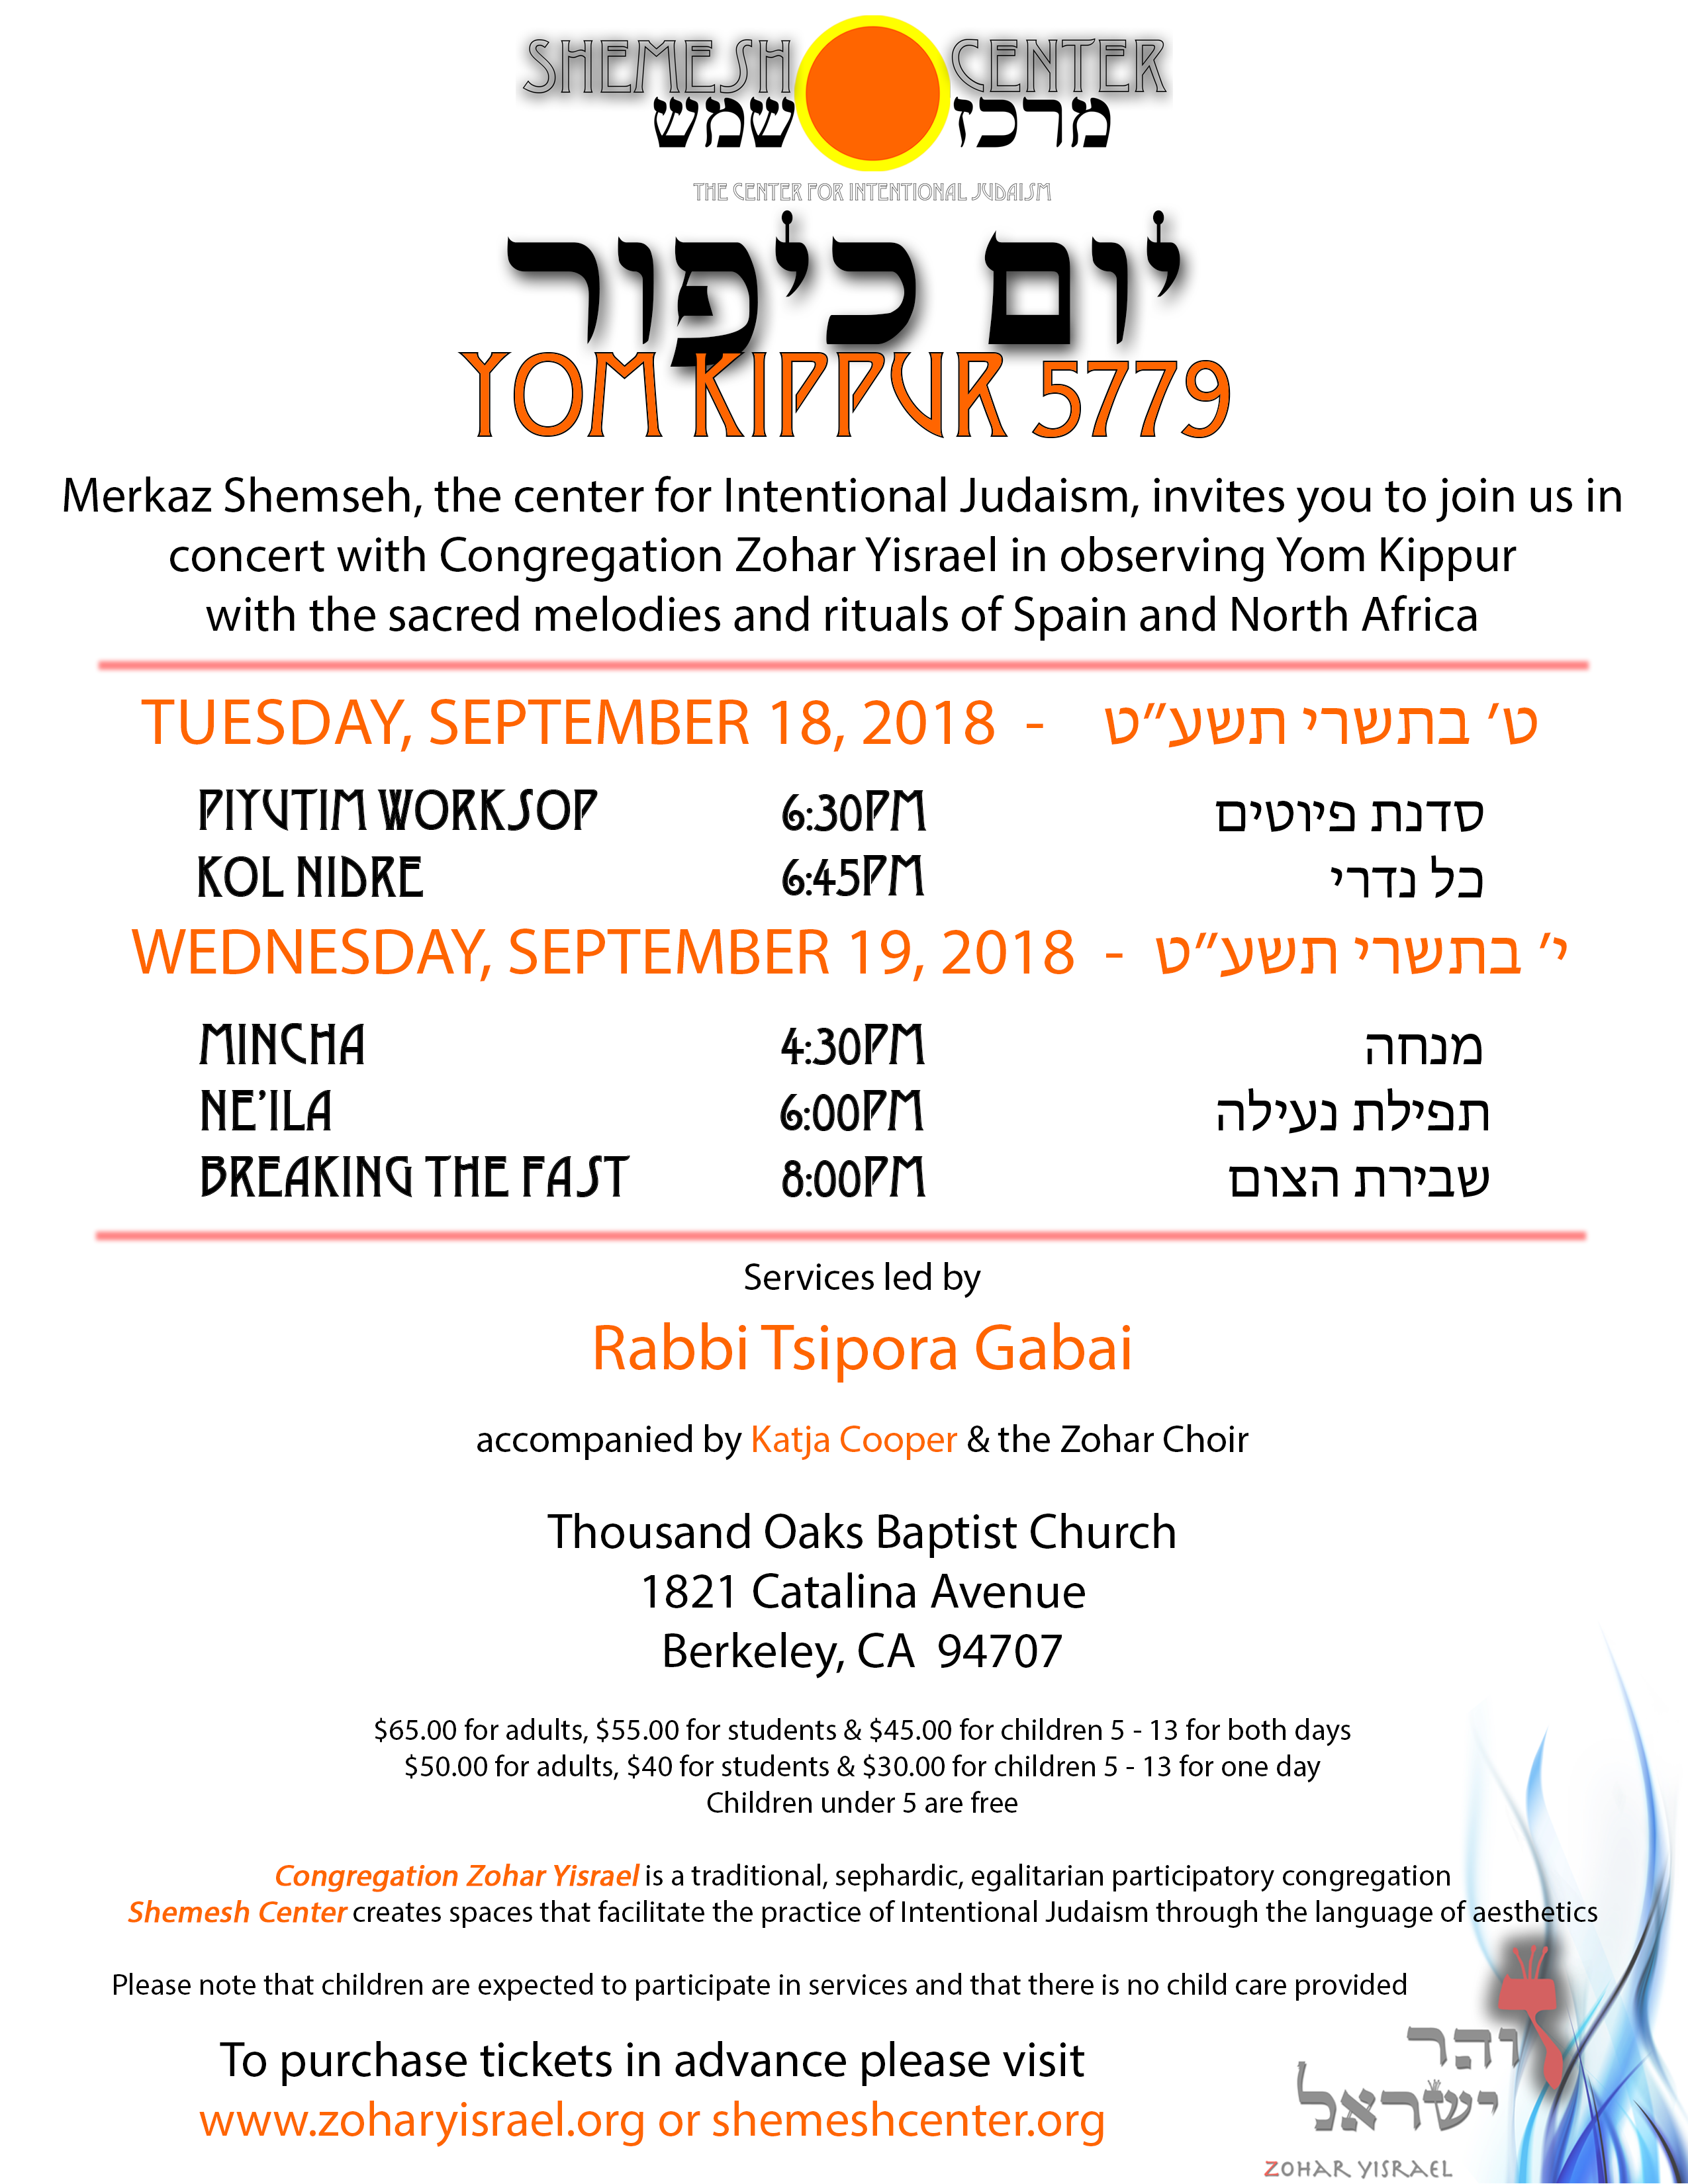 Shemesh Center Yom Kippur 5779